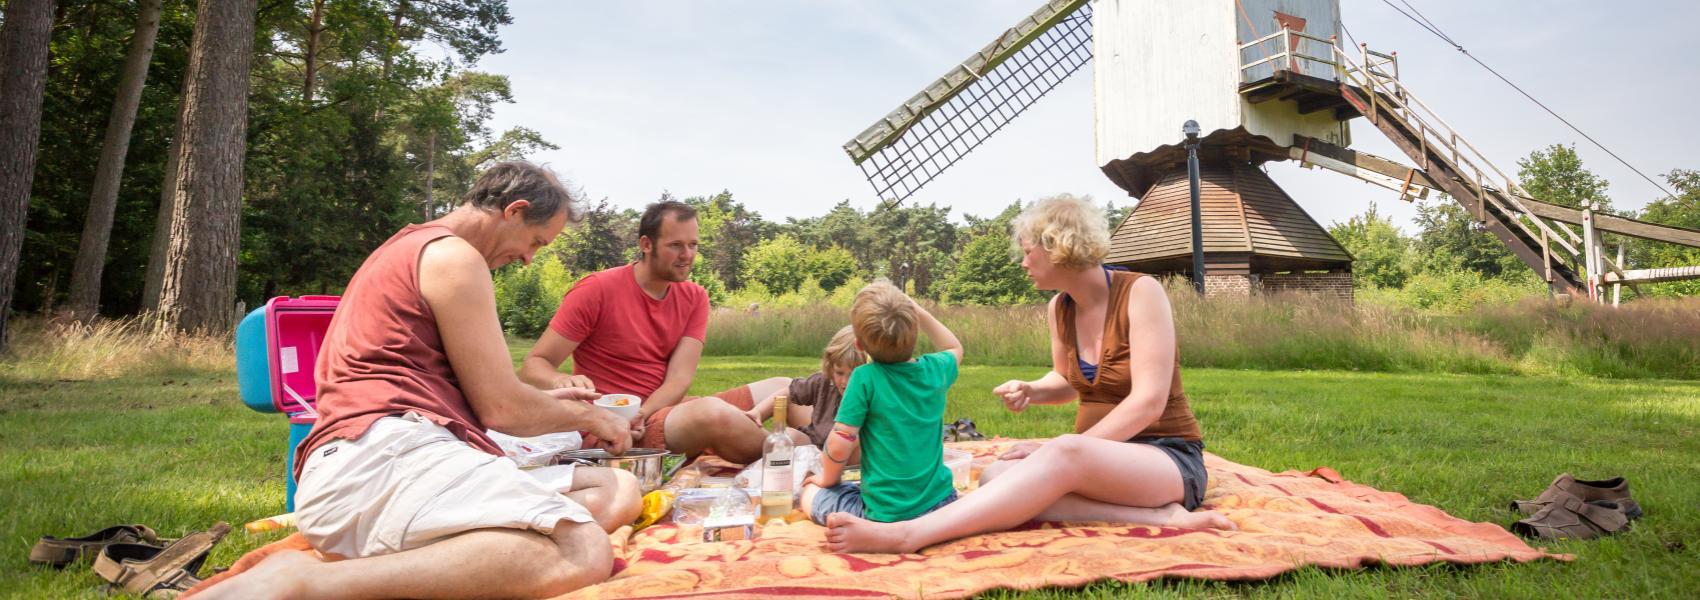 familiepicknick bij de molen